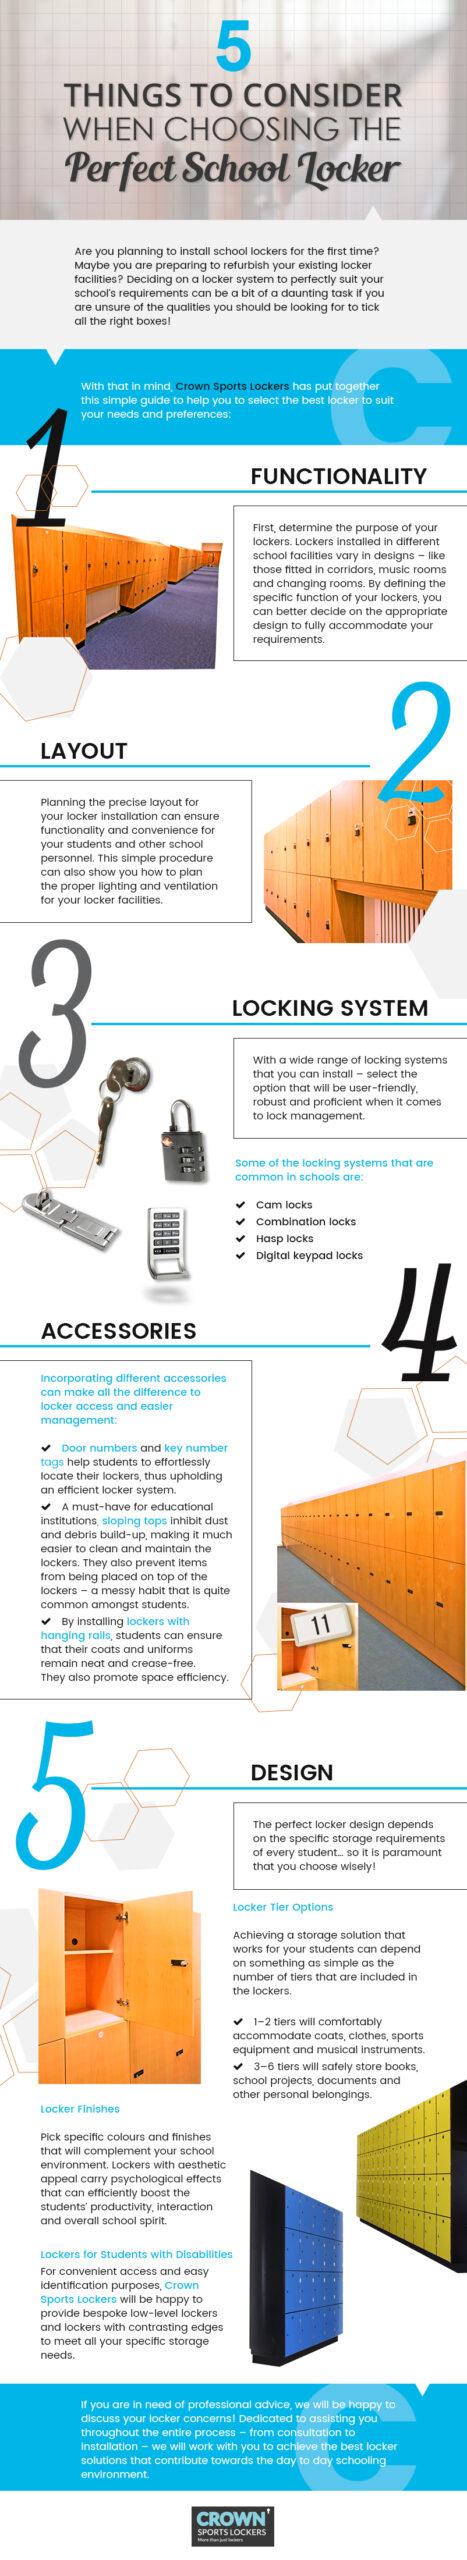 things to consider when choosing school lockers